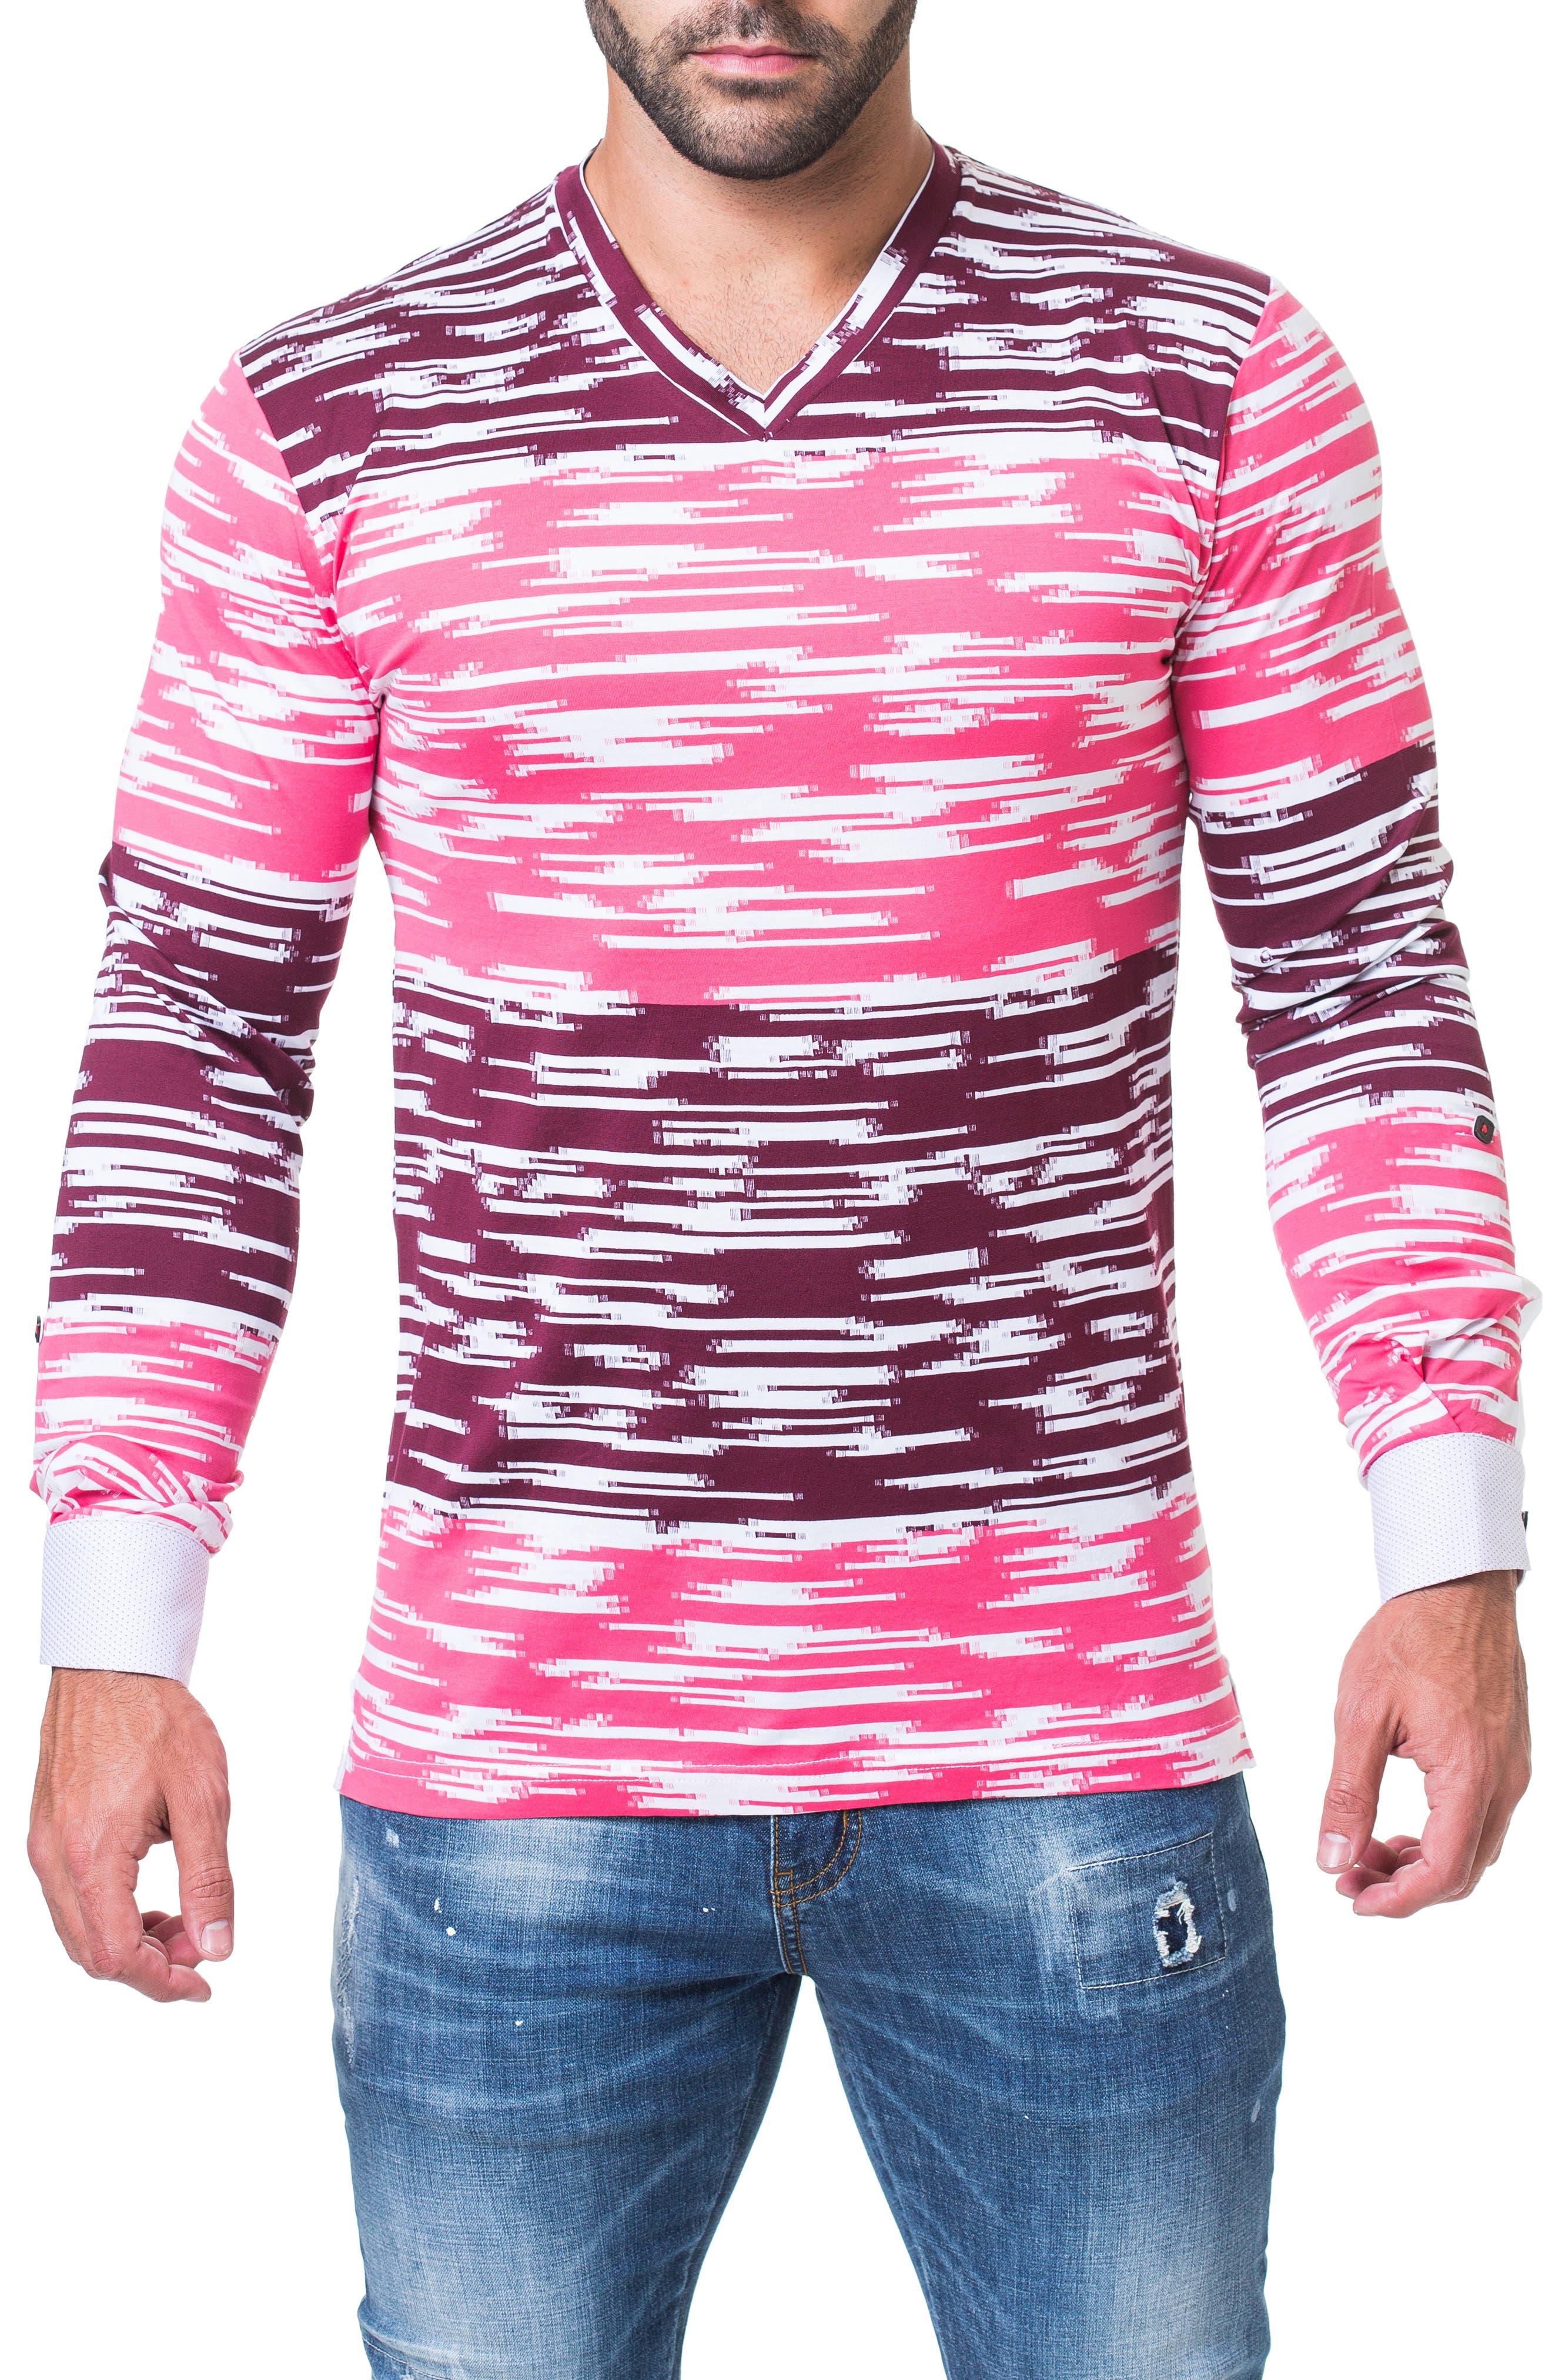 Edison Trim Fit Print T-Shirt,                         Main,                         color, BLACK